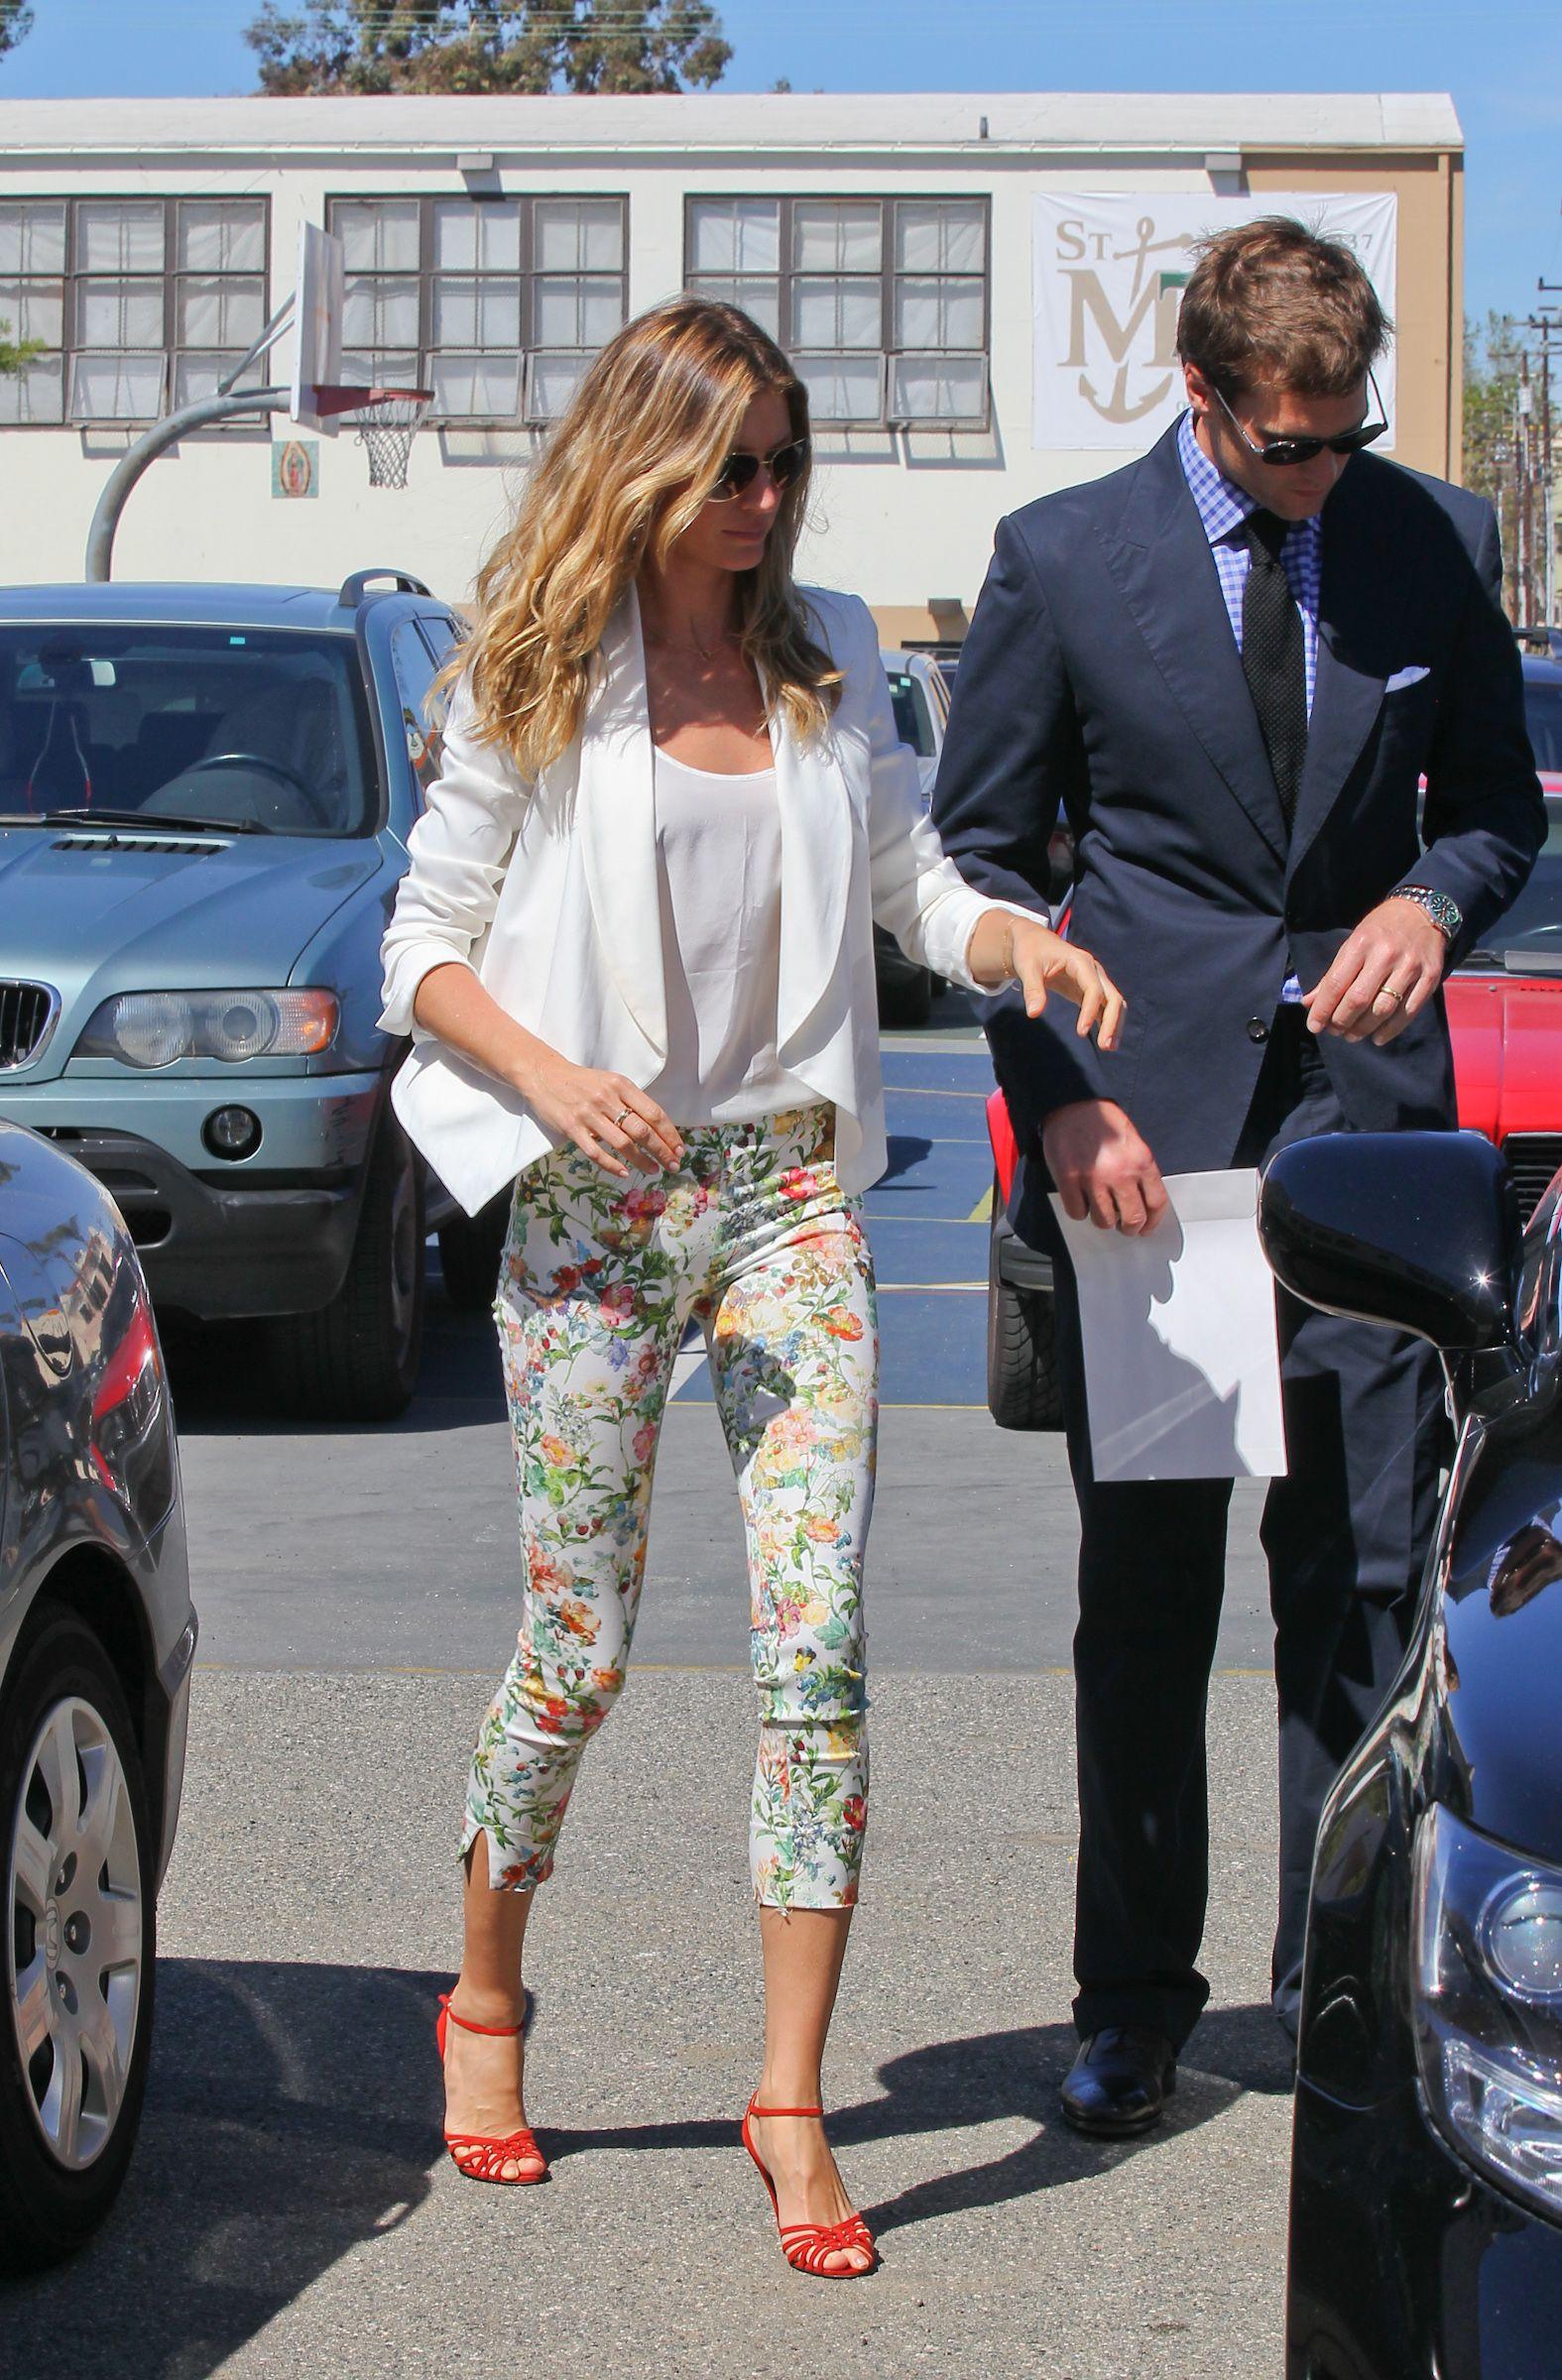 271a1017fb2c Gisele Bundchen wearing floral print Zara pants